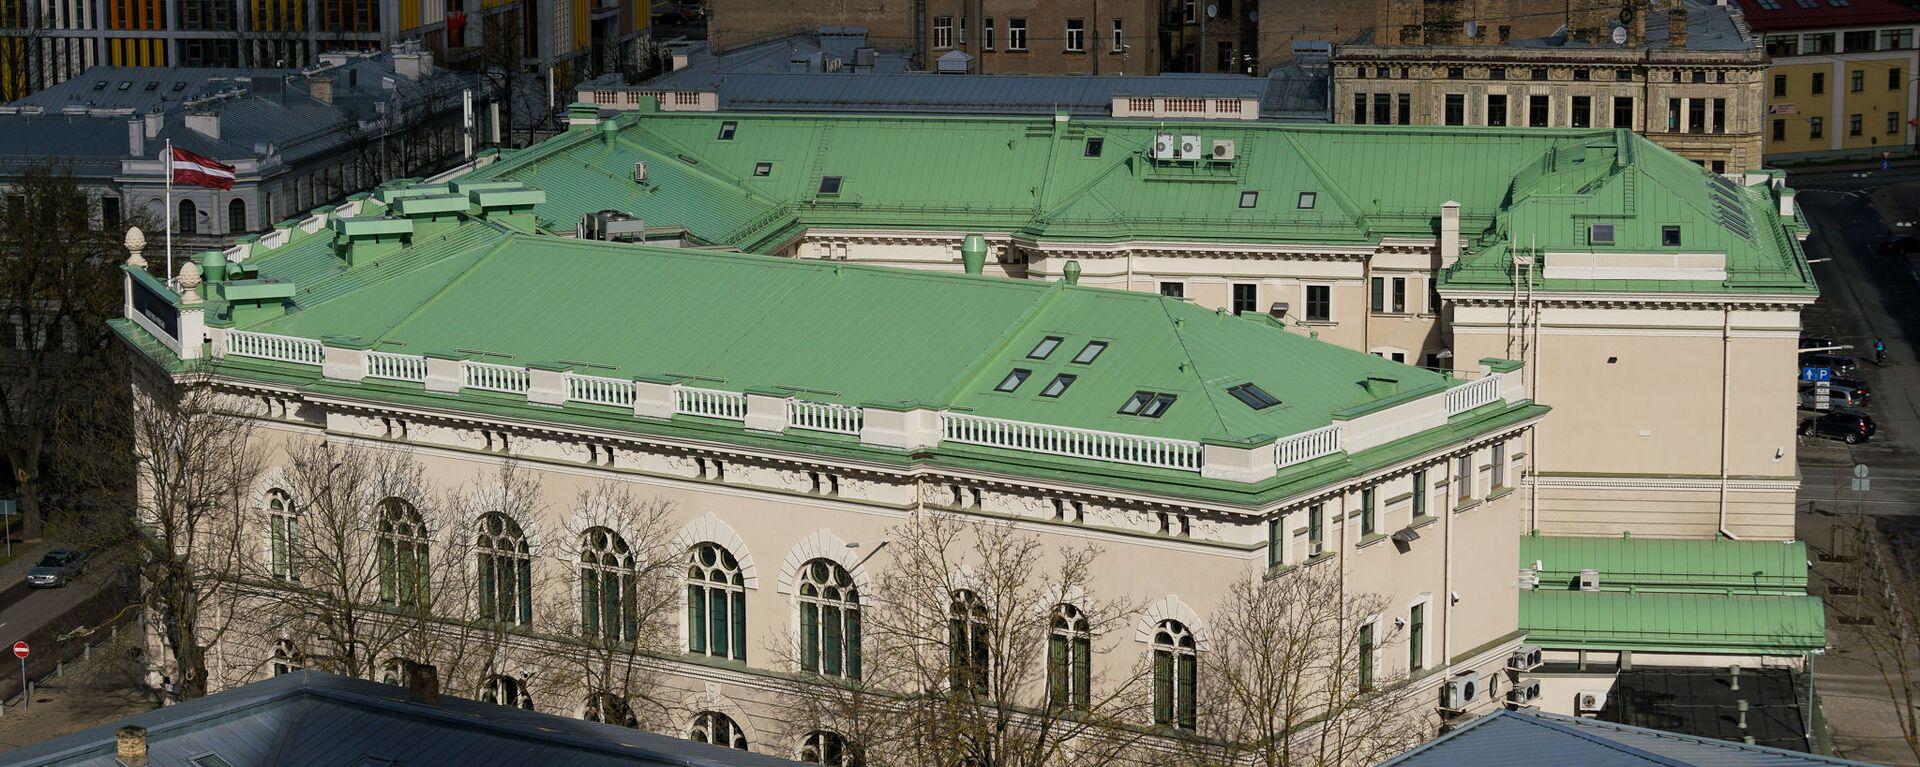 Здание Банка Латвии - Sputnik Латвия, 1920, 09.07.2020